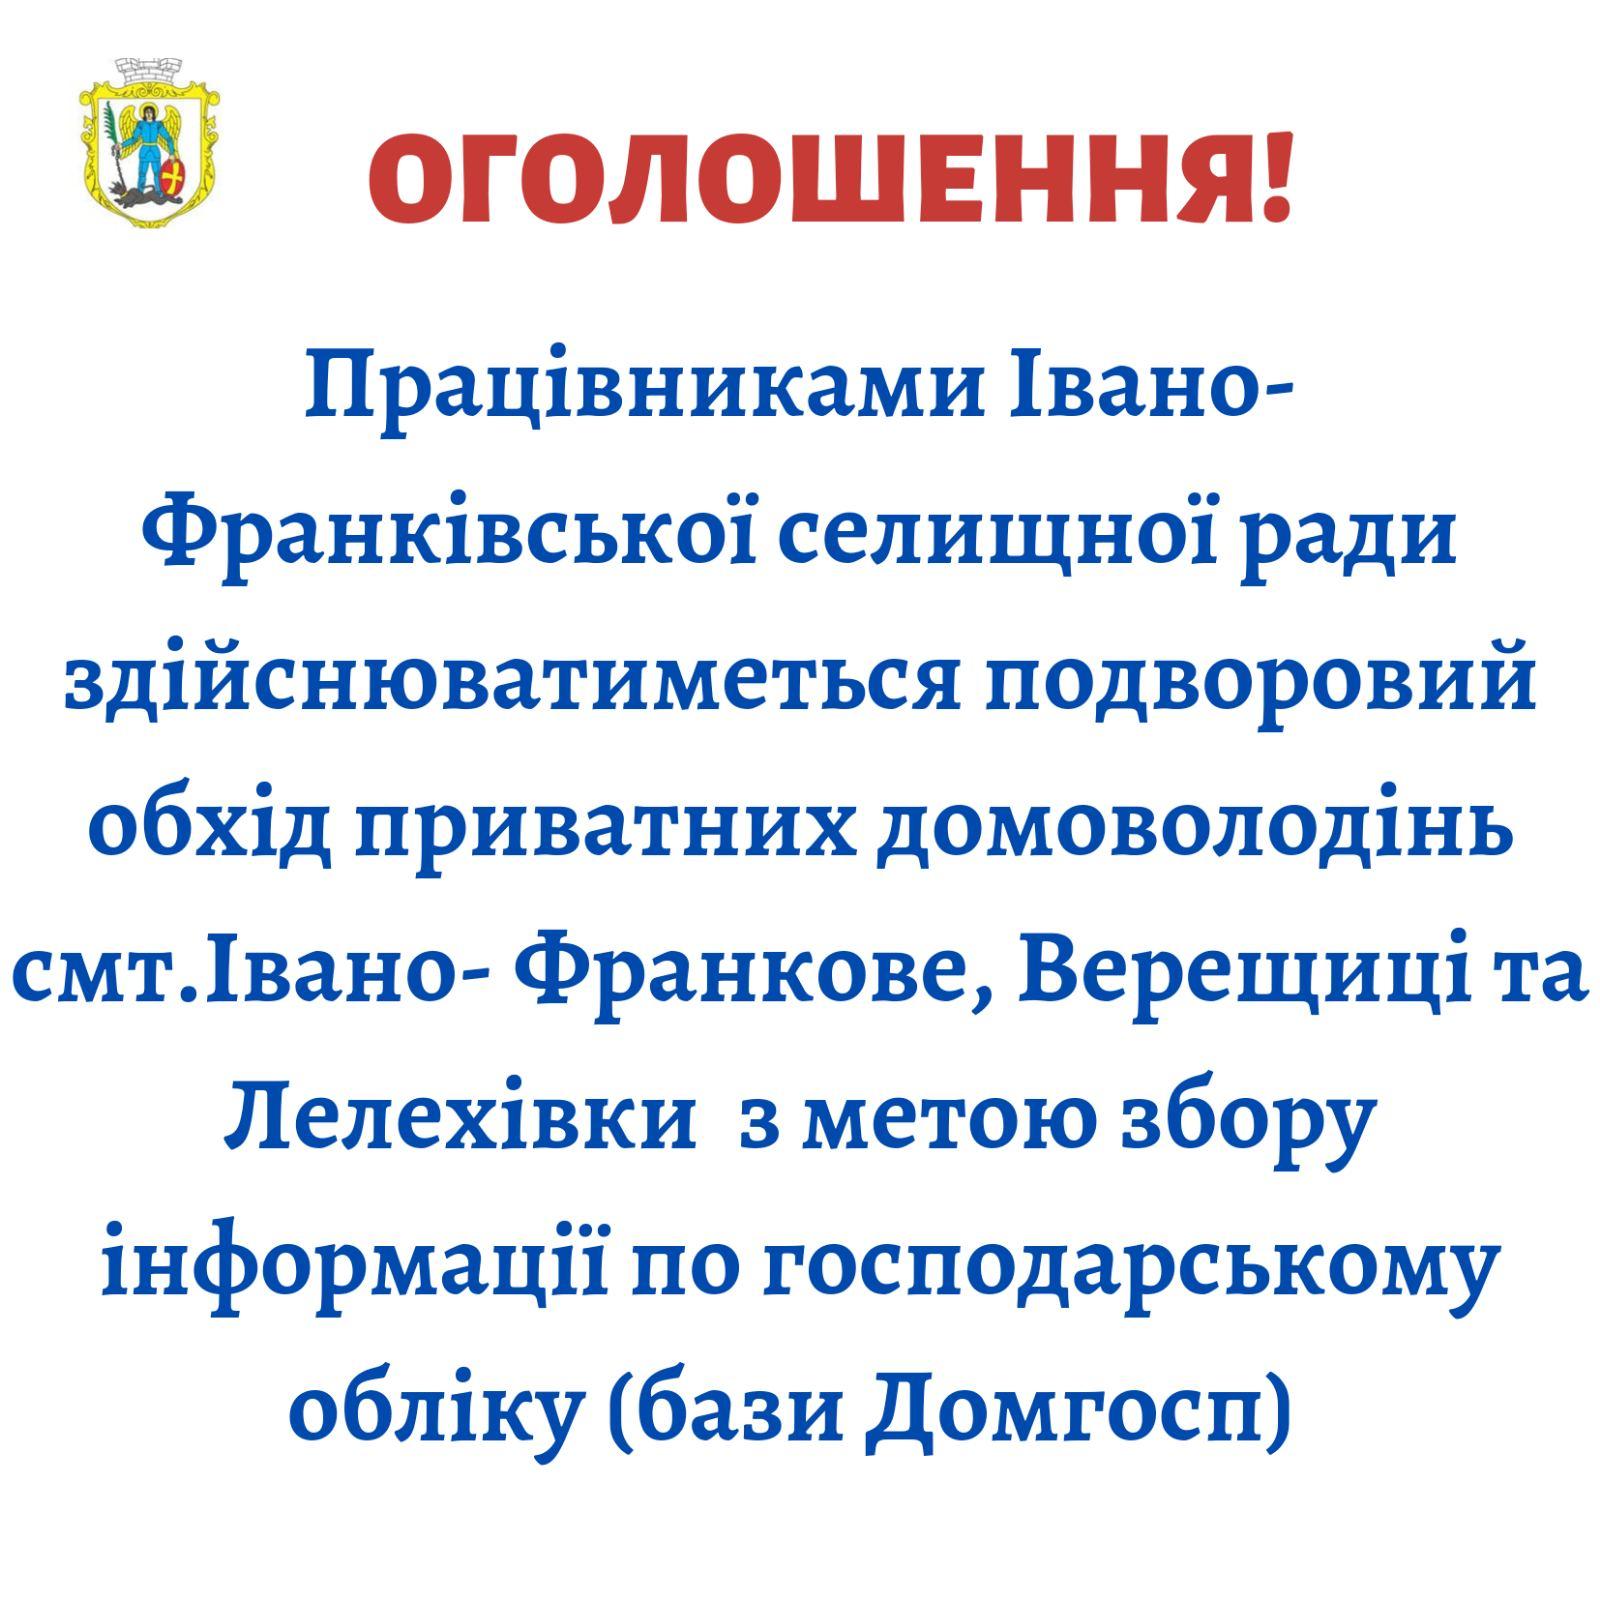 Оголошення для жителів смт. Івано-Франкове, с. Лелехівка та Верещиця